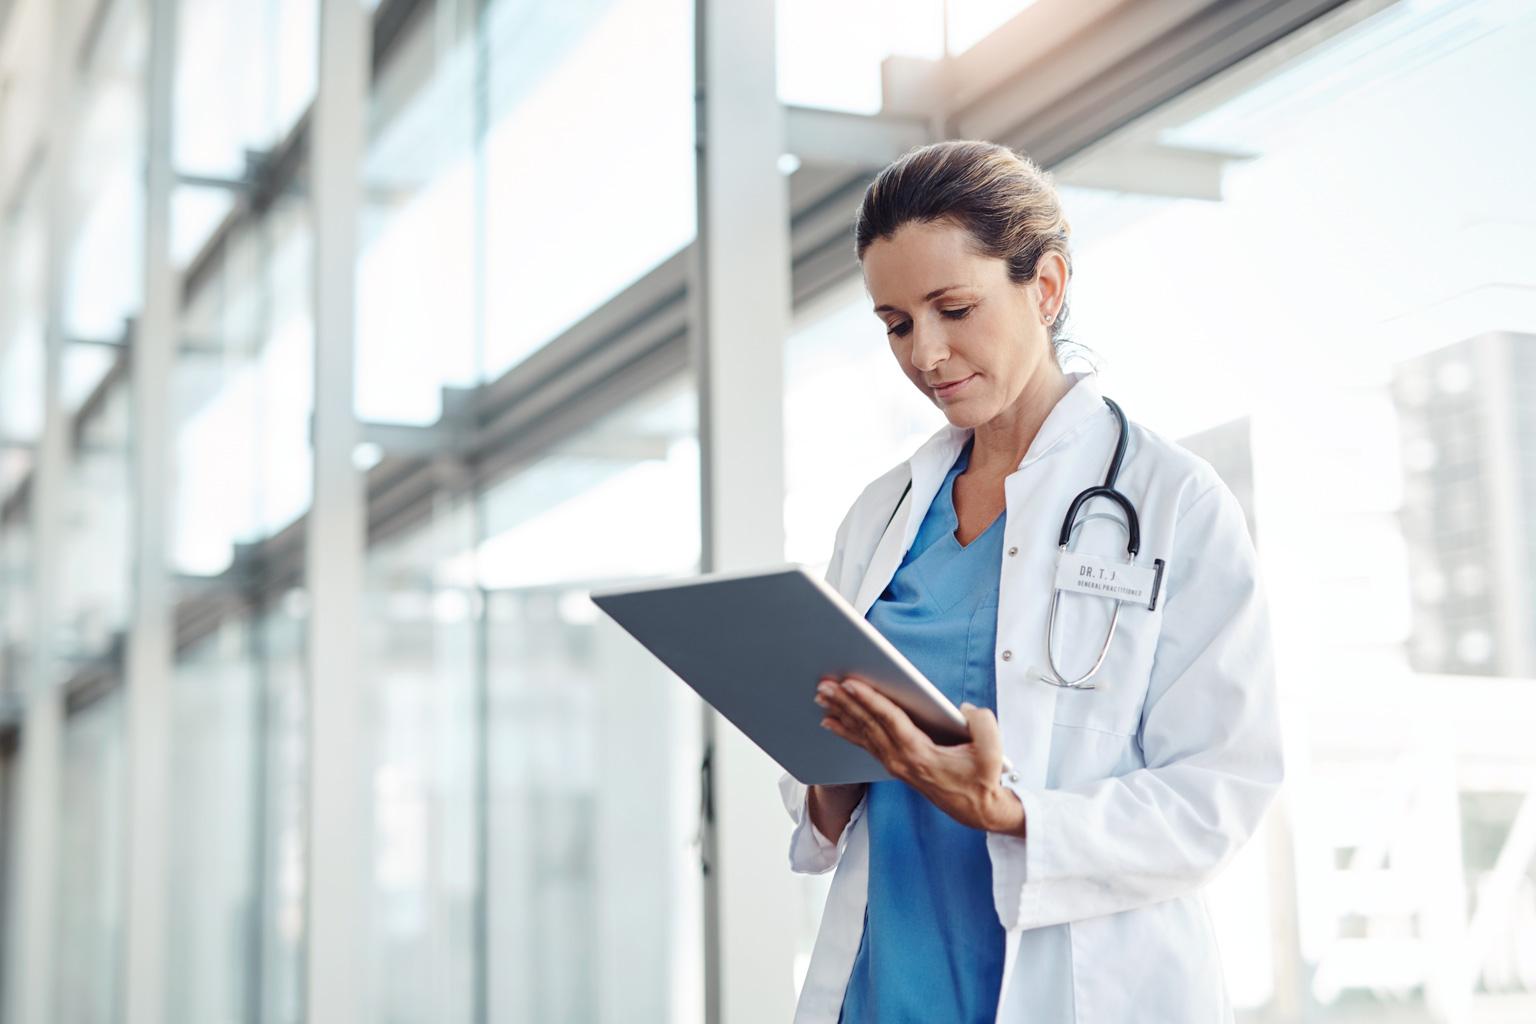 Młoda lekarka w szpitalu przegląda na tablecie Progmedica